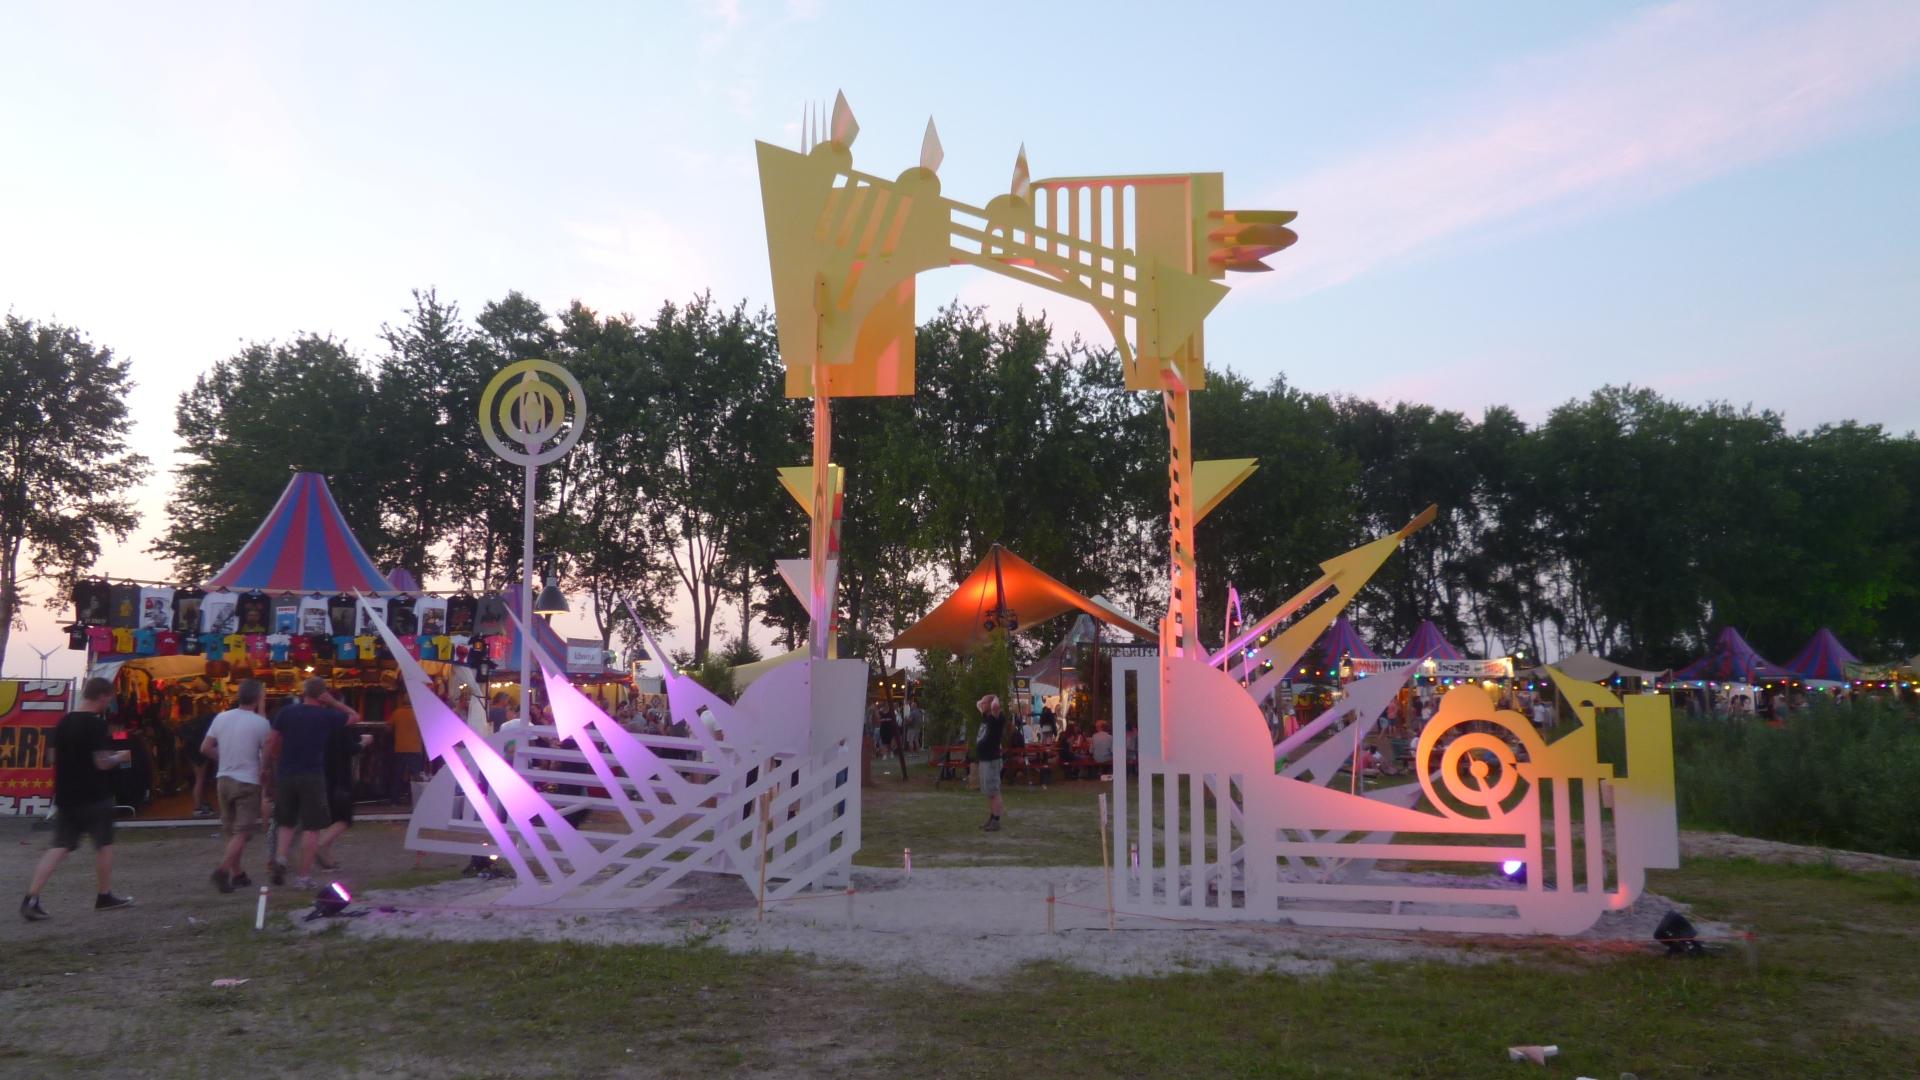 Polderen in de kunst of kunst in de polder?